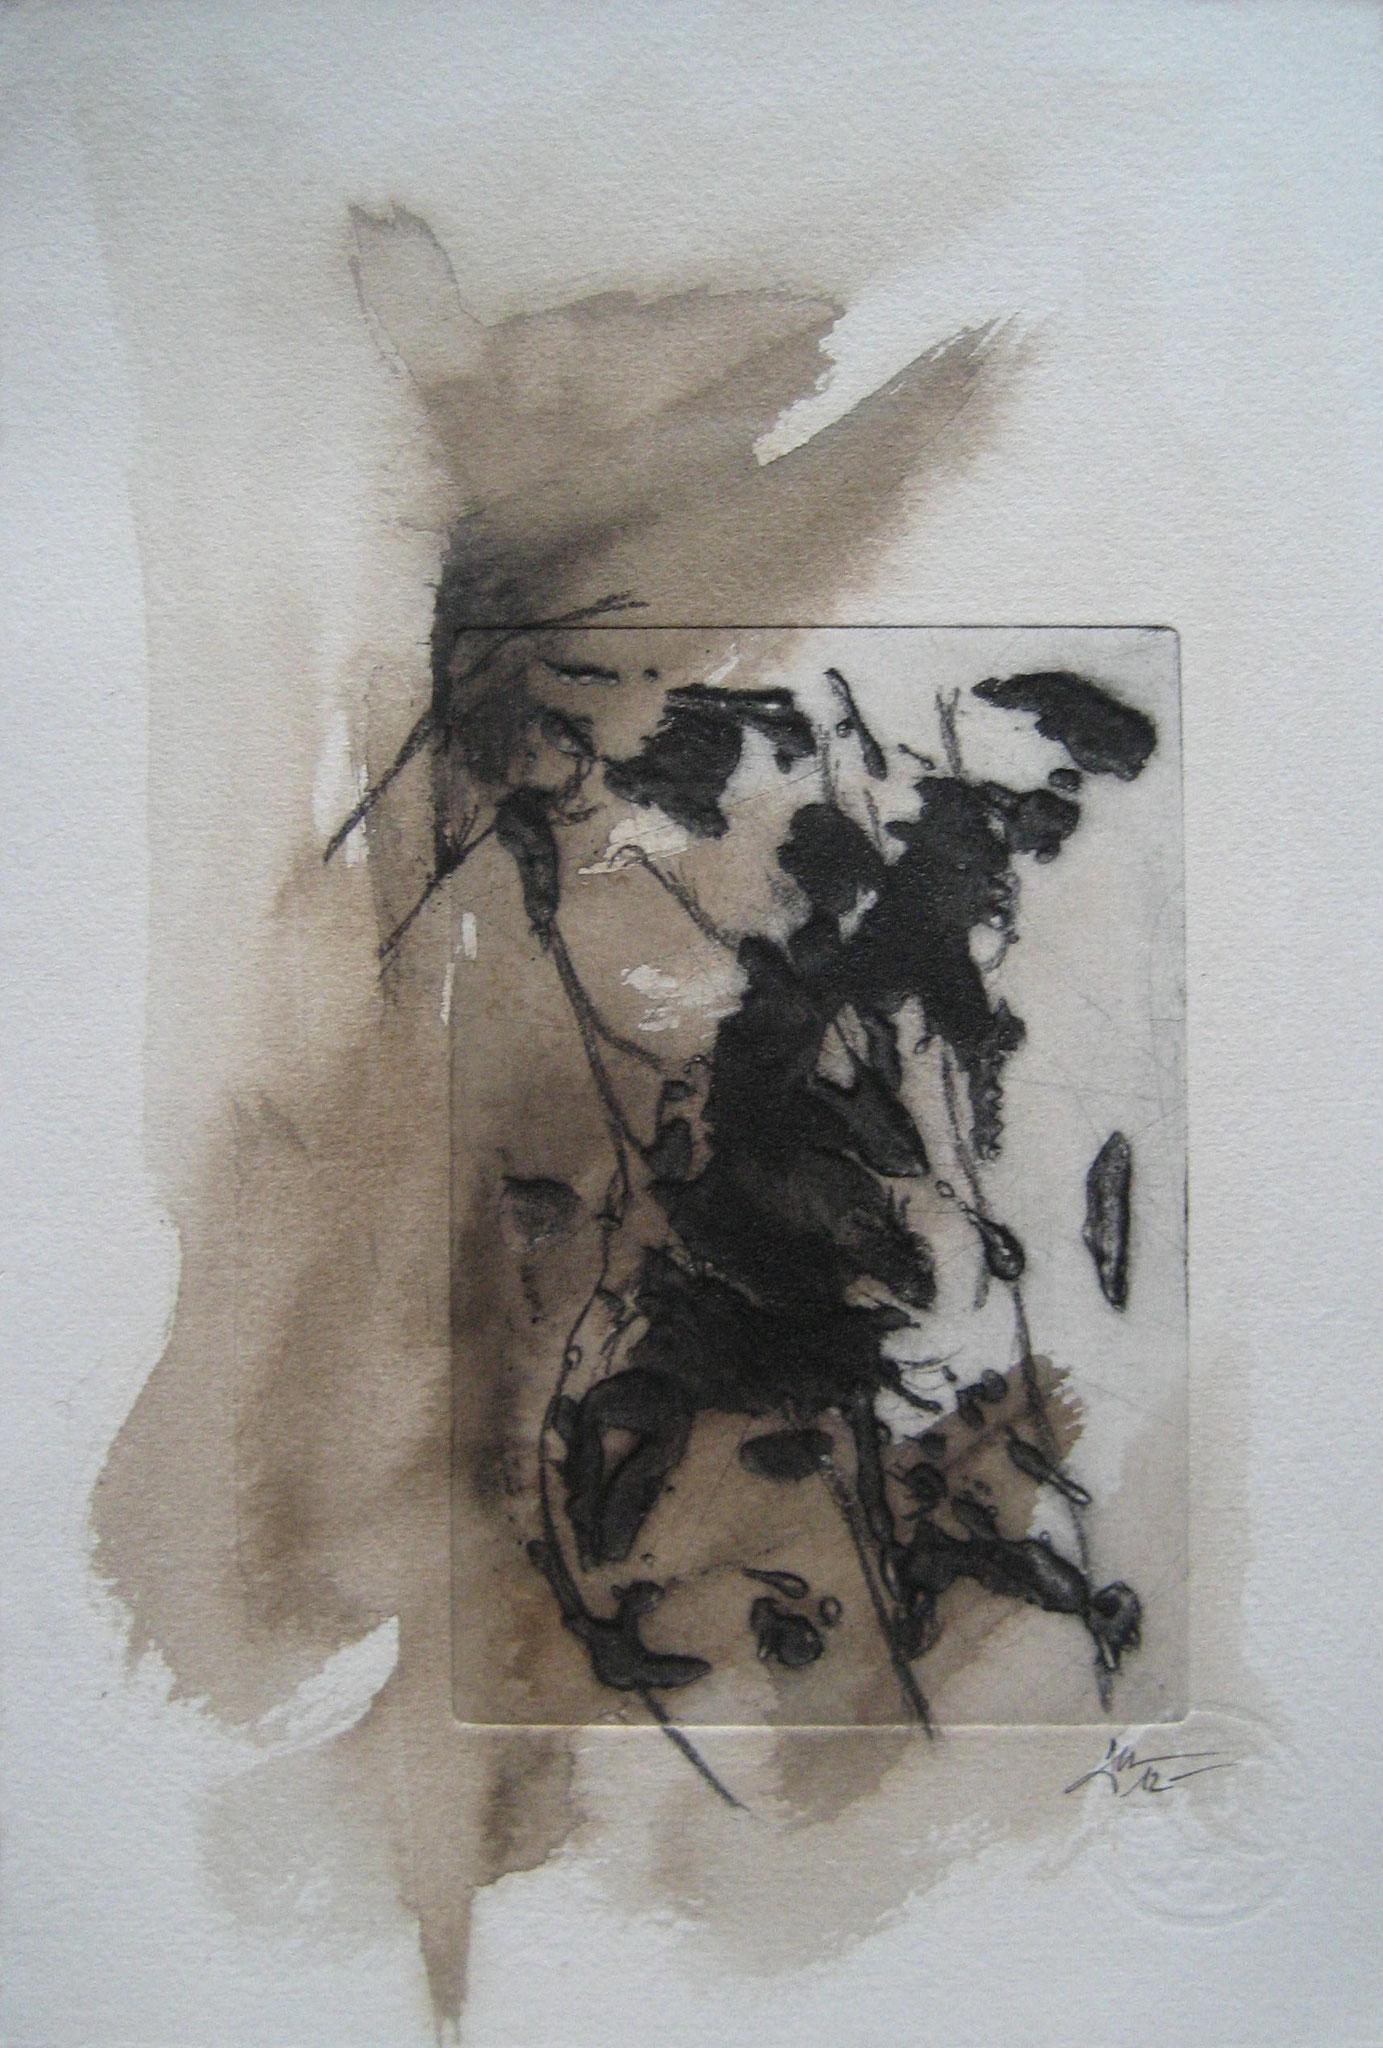 Sans titre - Pointe sèche et carborundum sur zinc, peinture acrylique et fusain - 2012